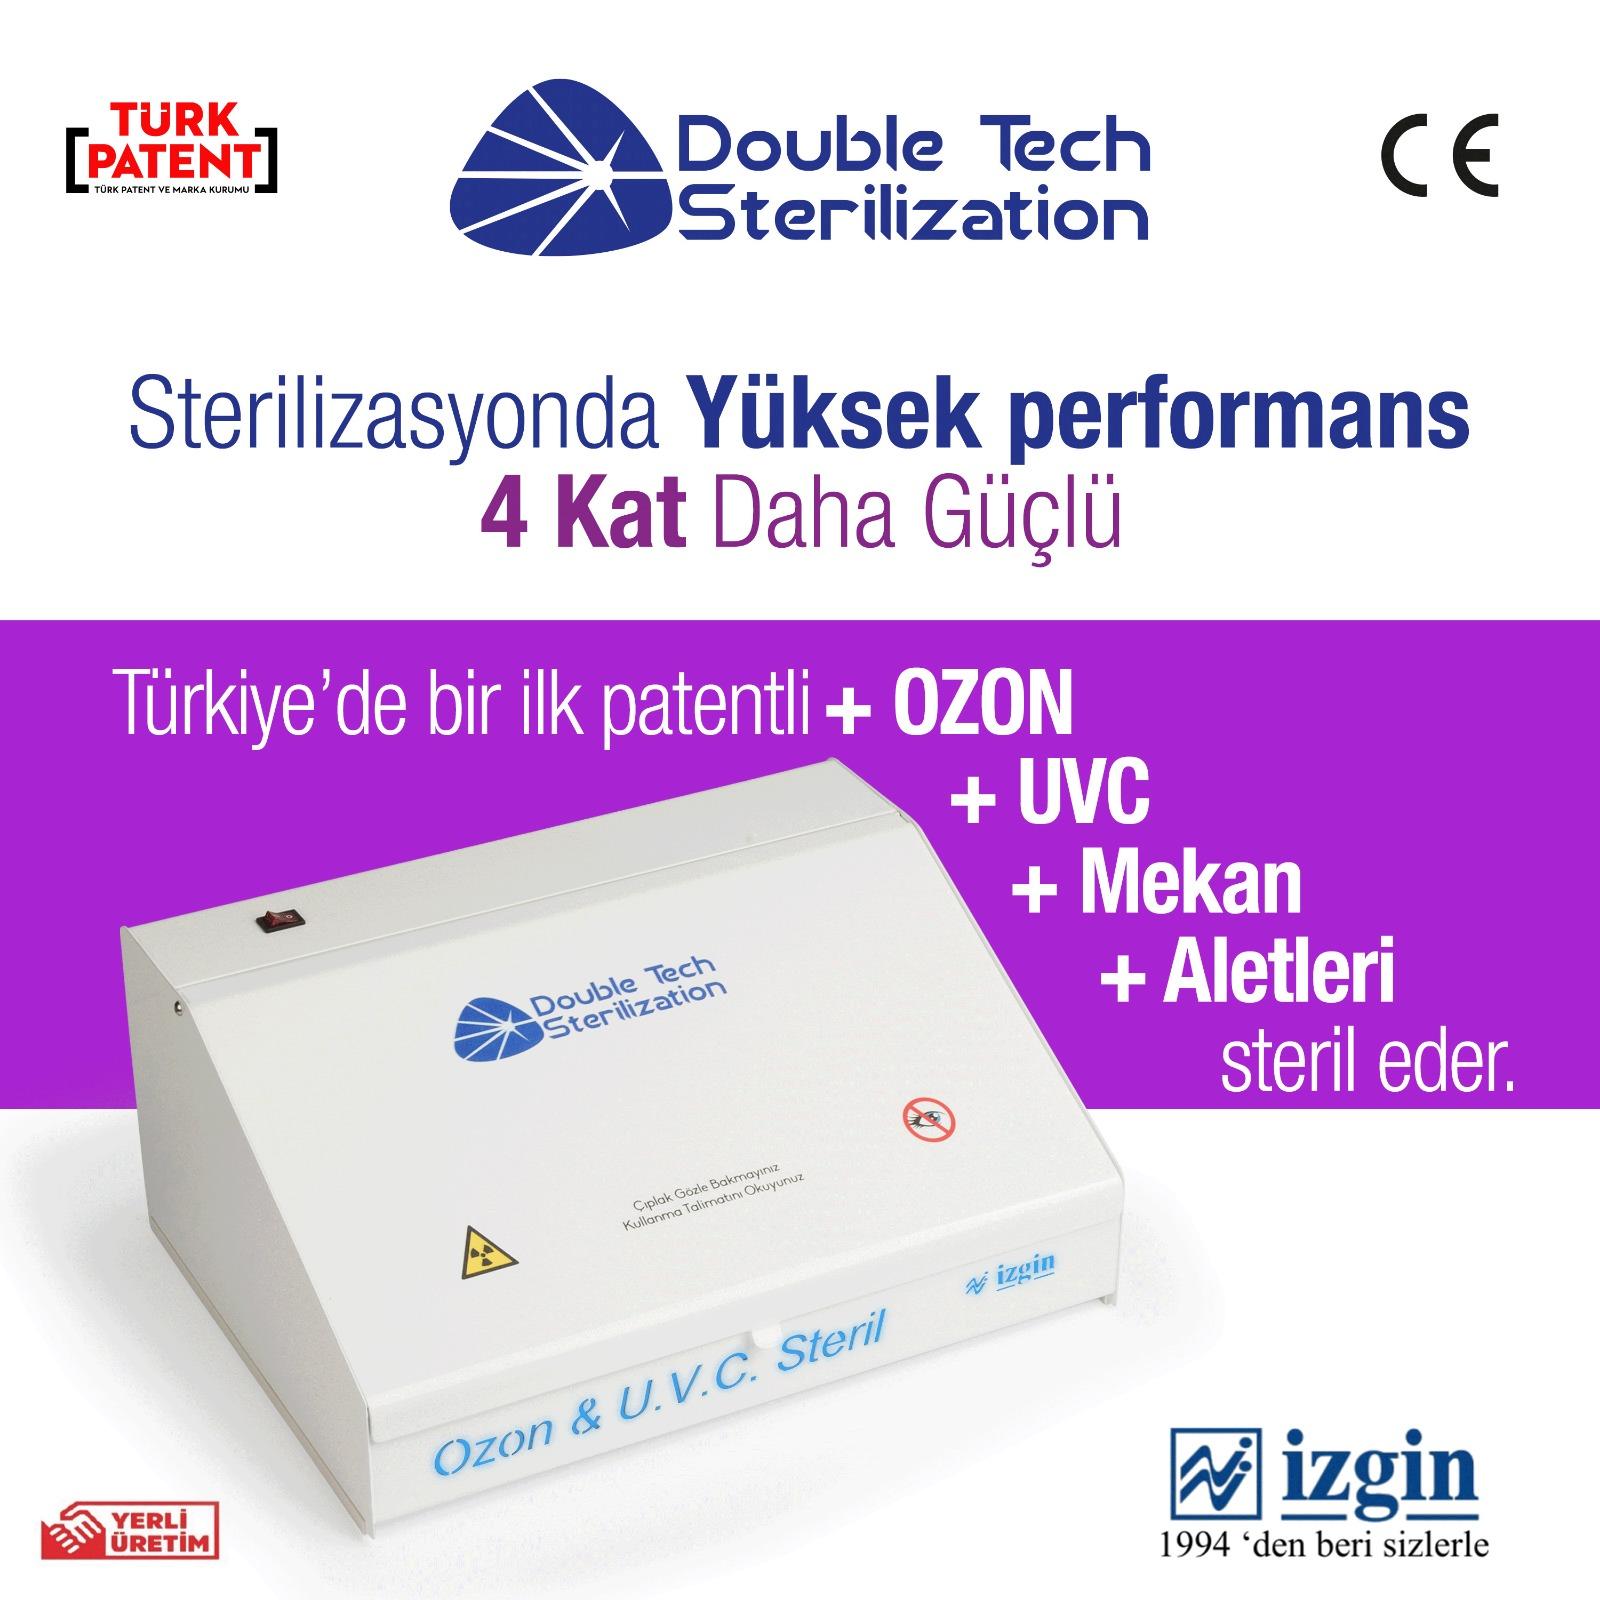 sterilizasyon cihazı double tech